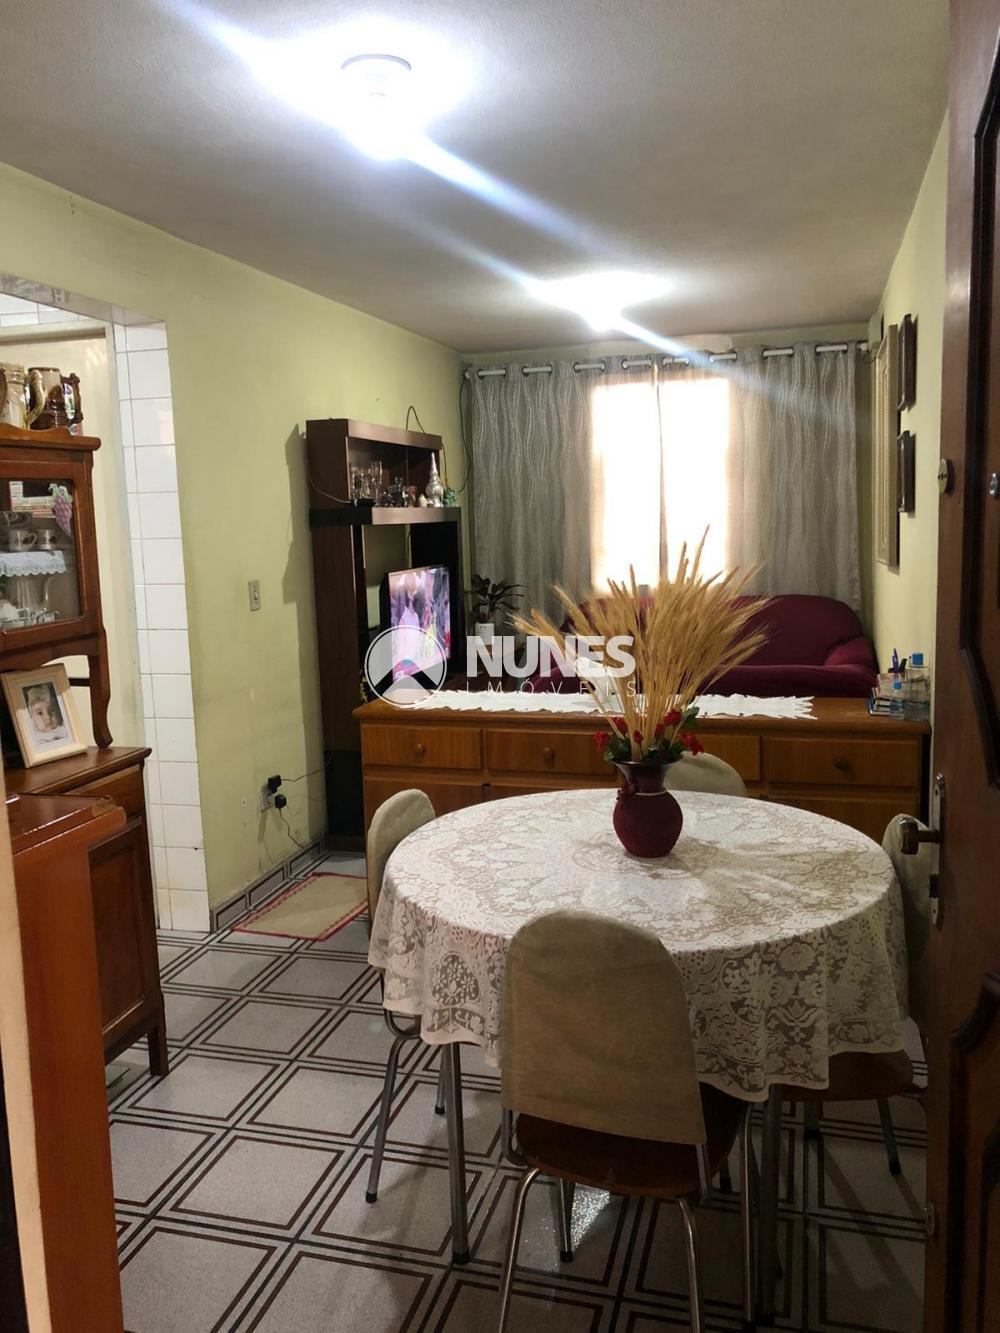 Comprar Apartamento / Padrão em Carapicuíba R$ 165.000,00 - Foto 2